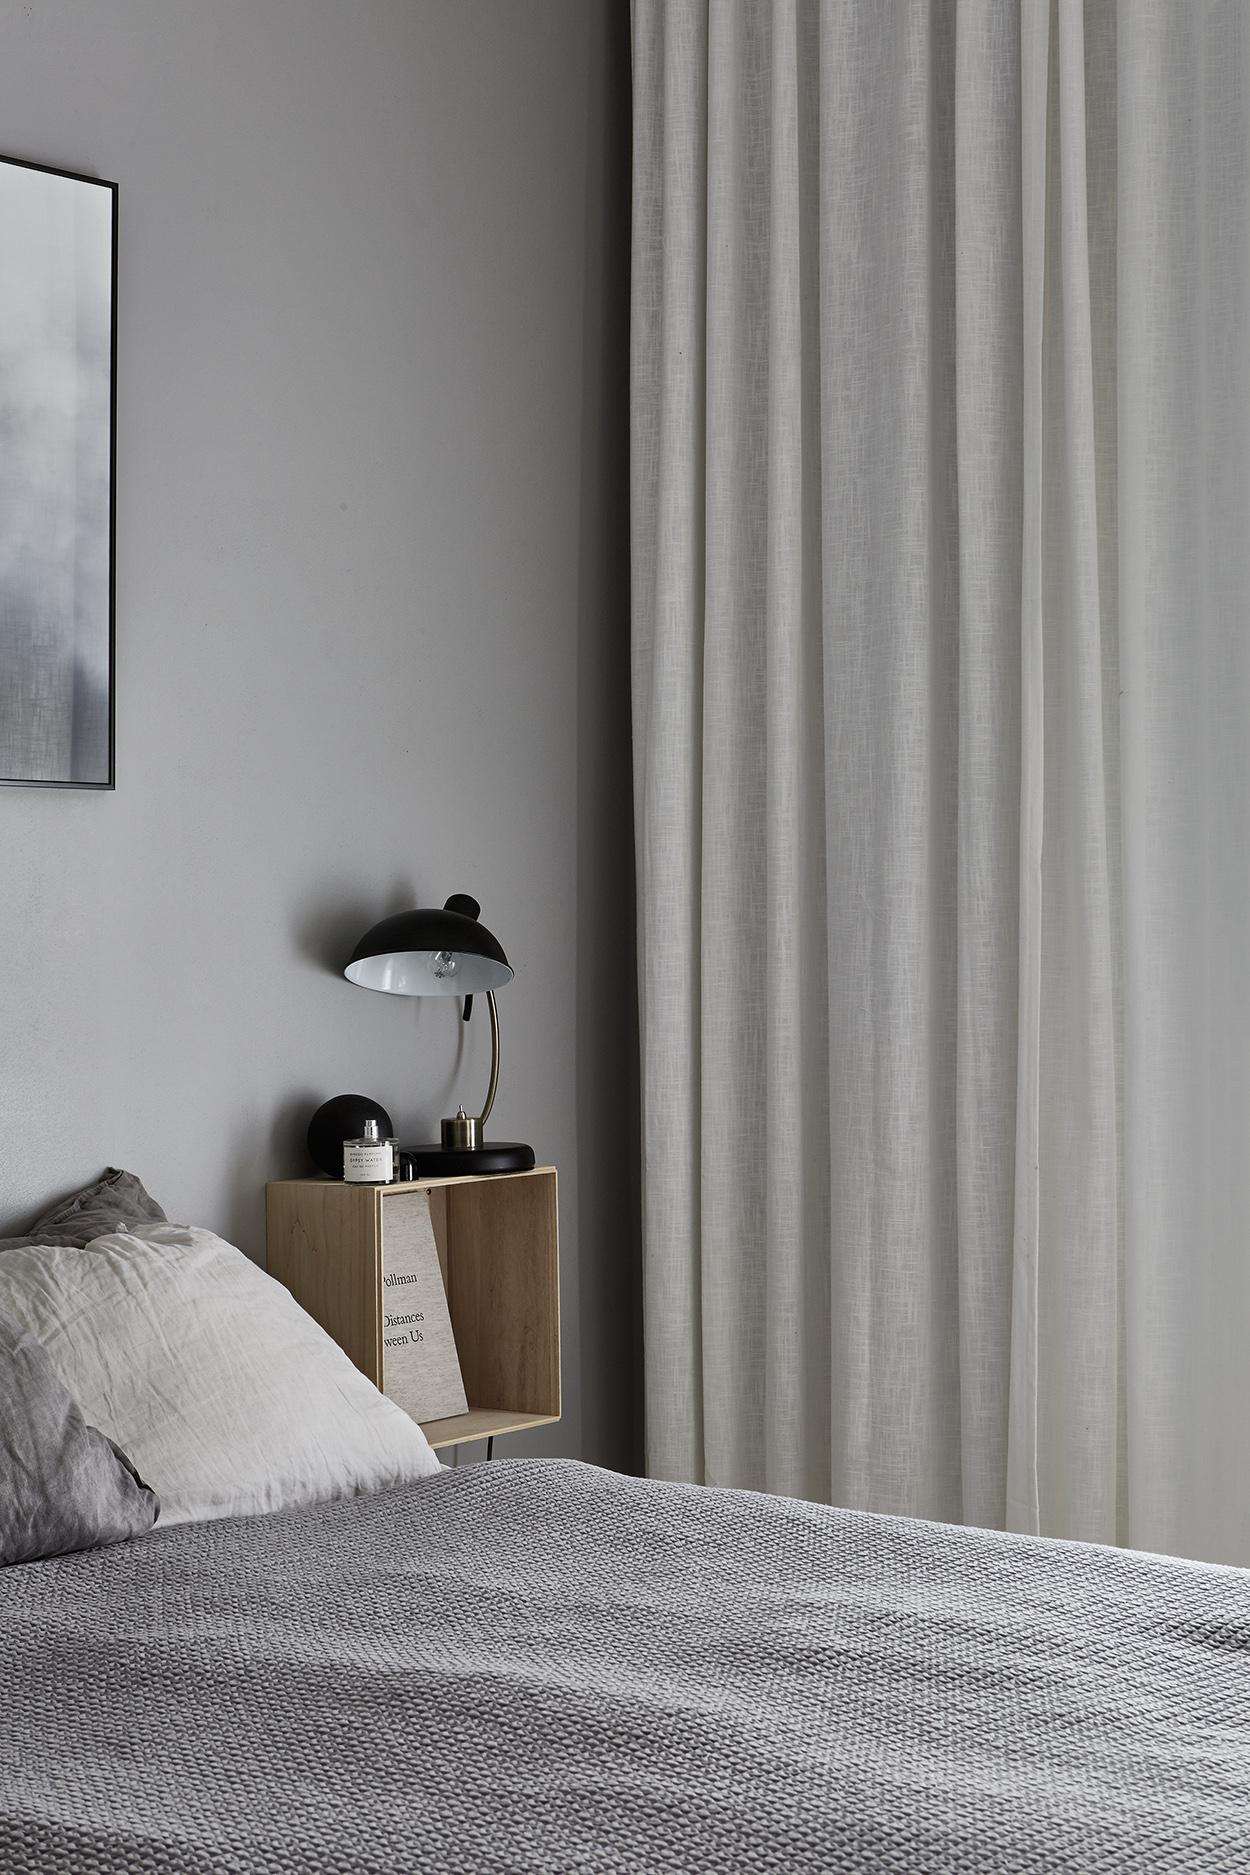 спальня кровать прикроватные полки лампы окно шторы